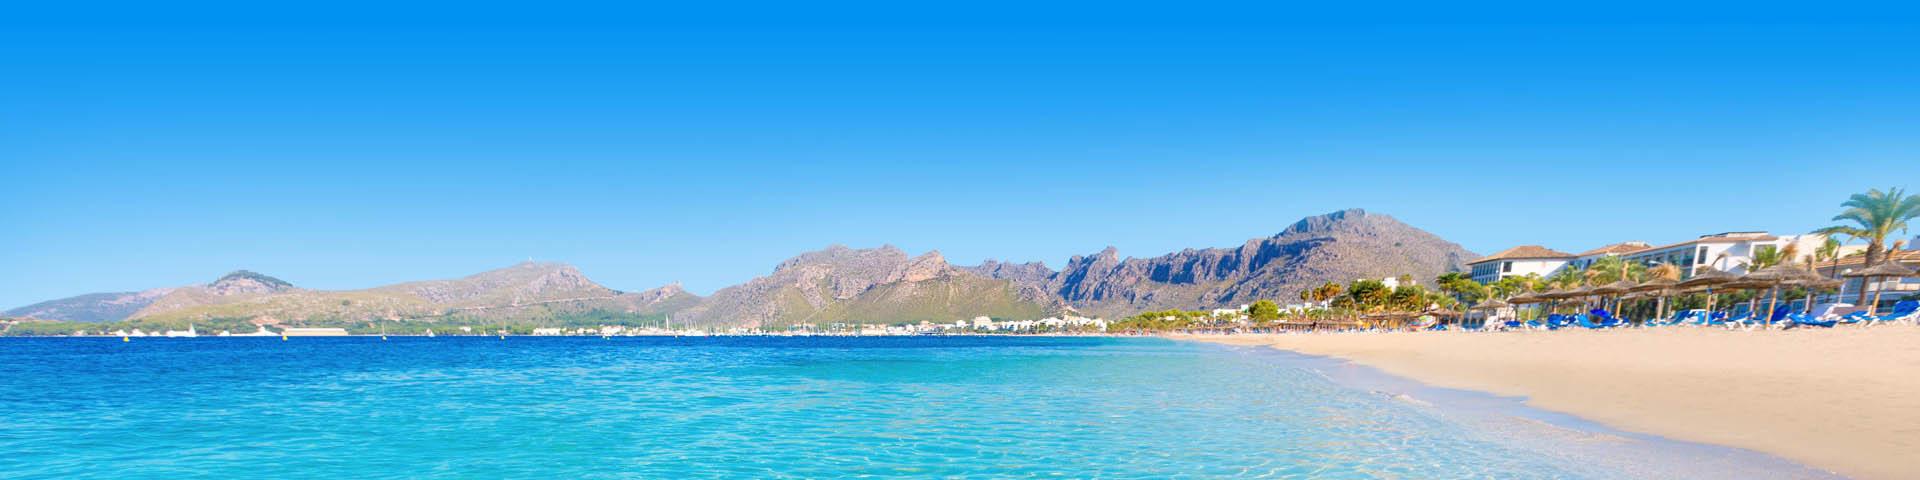 Kraakheldere zee aan het strand met heuvels op het Spaanse eiland Mallorca